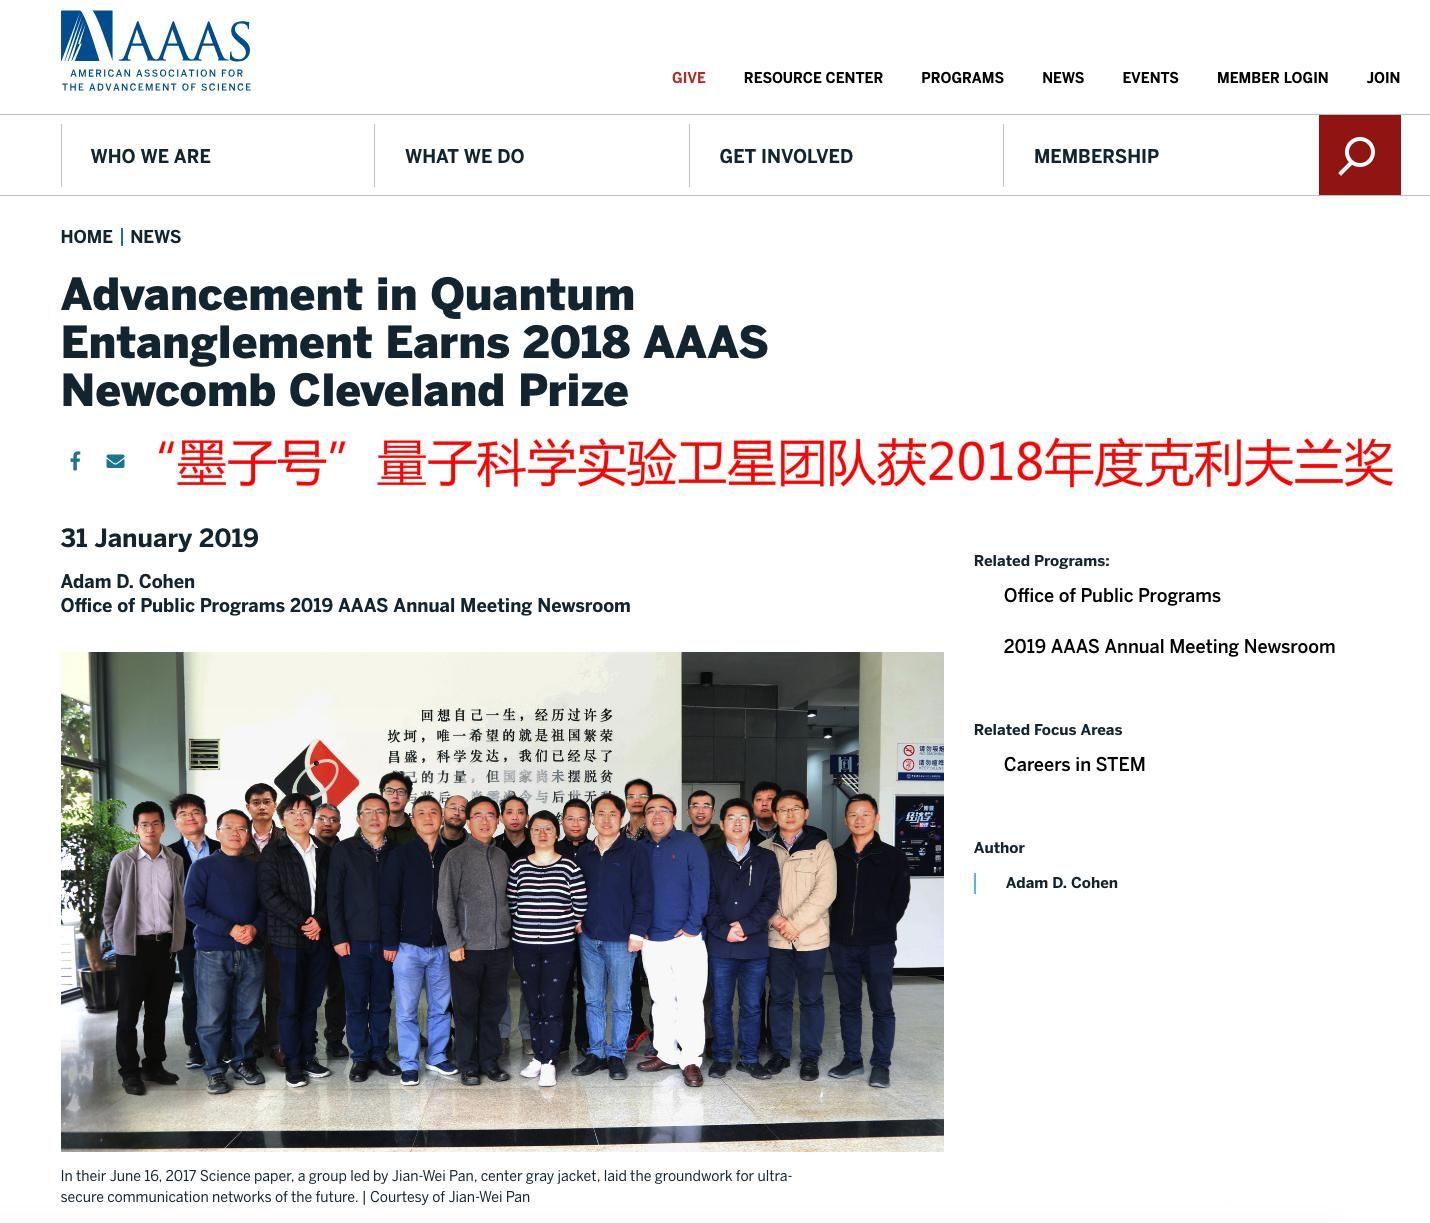 """AAAS官網首頁的大幅新聞圖片,則是由中國科學技術大學潘建偉教授領銜的""""墨子號""""量子科學實驗衛星科研團隊合影。"""